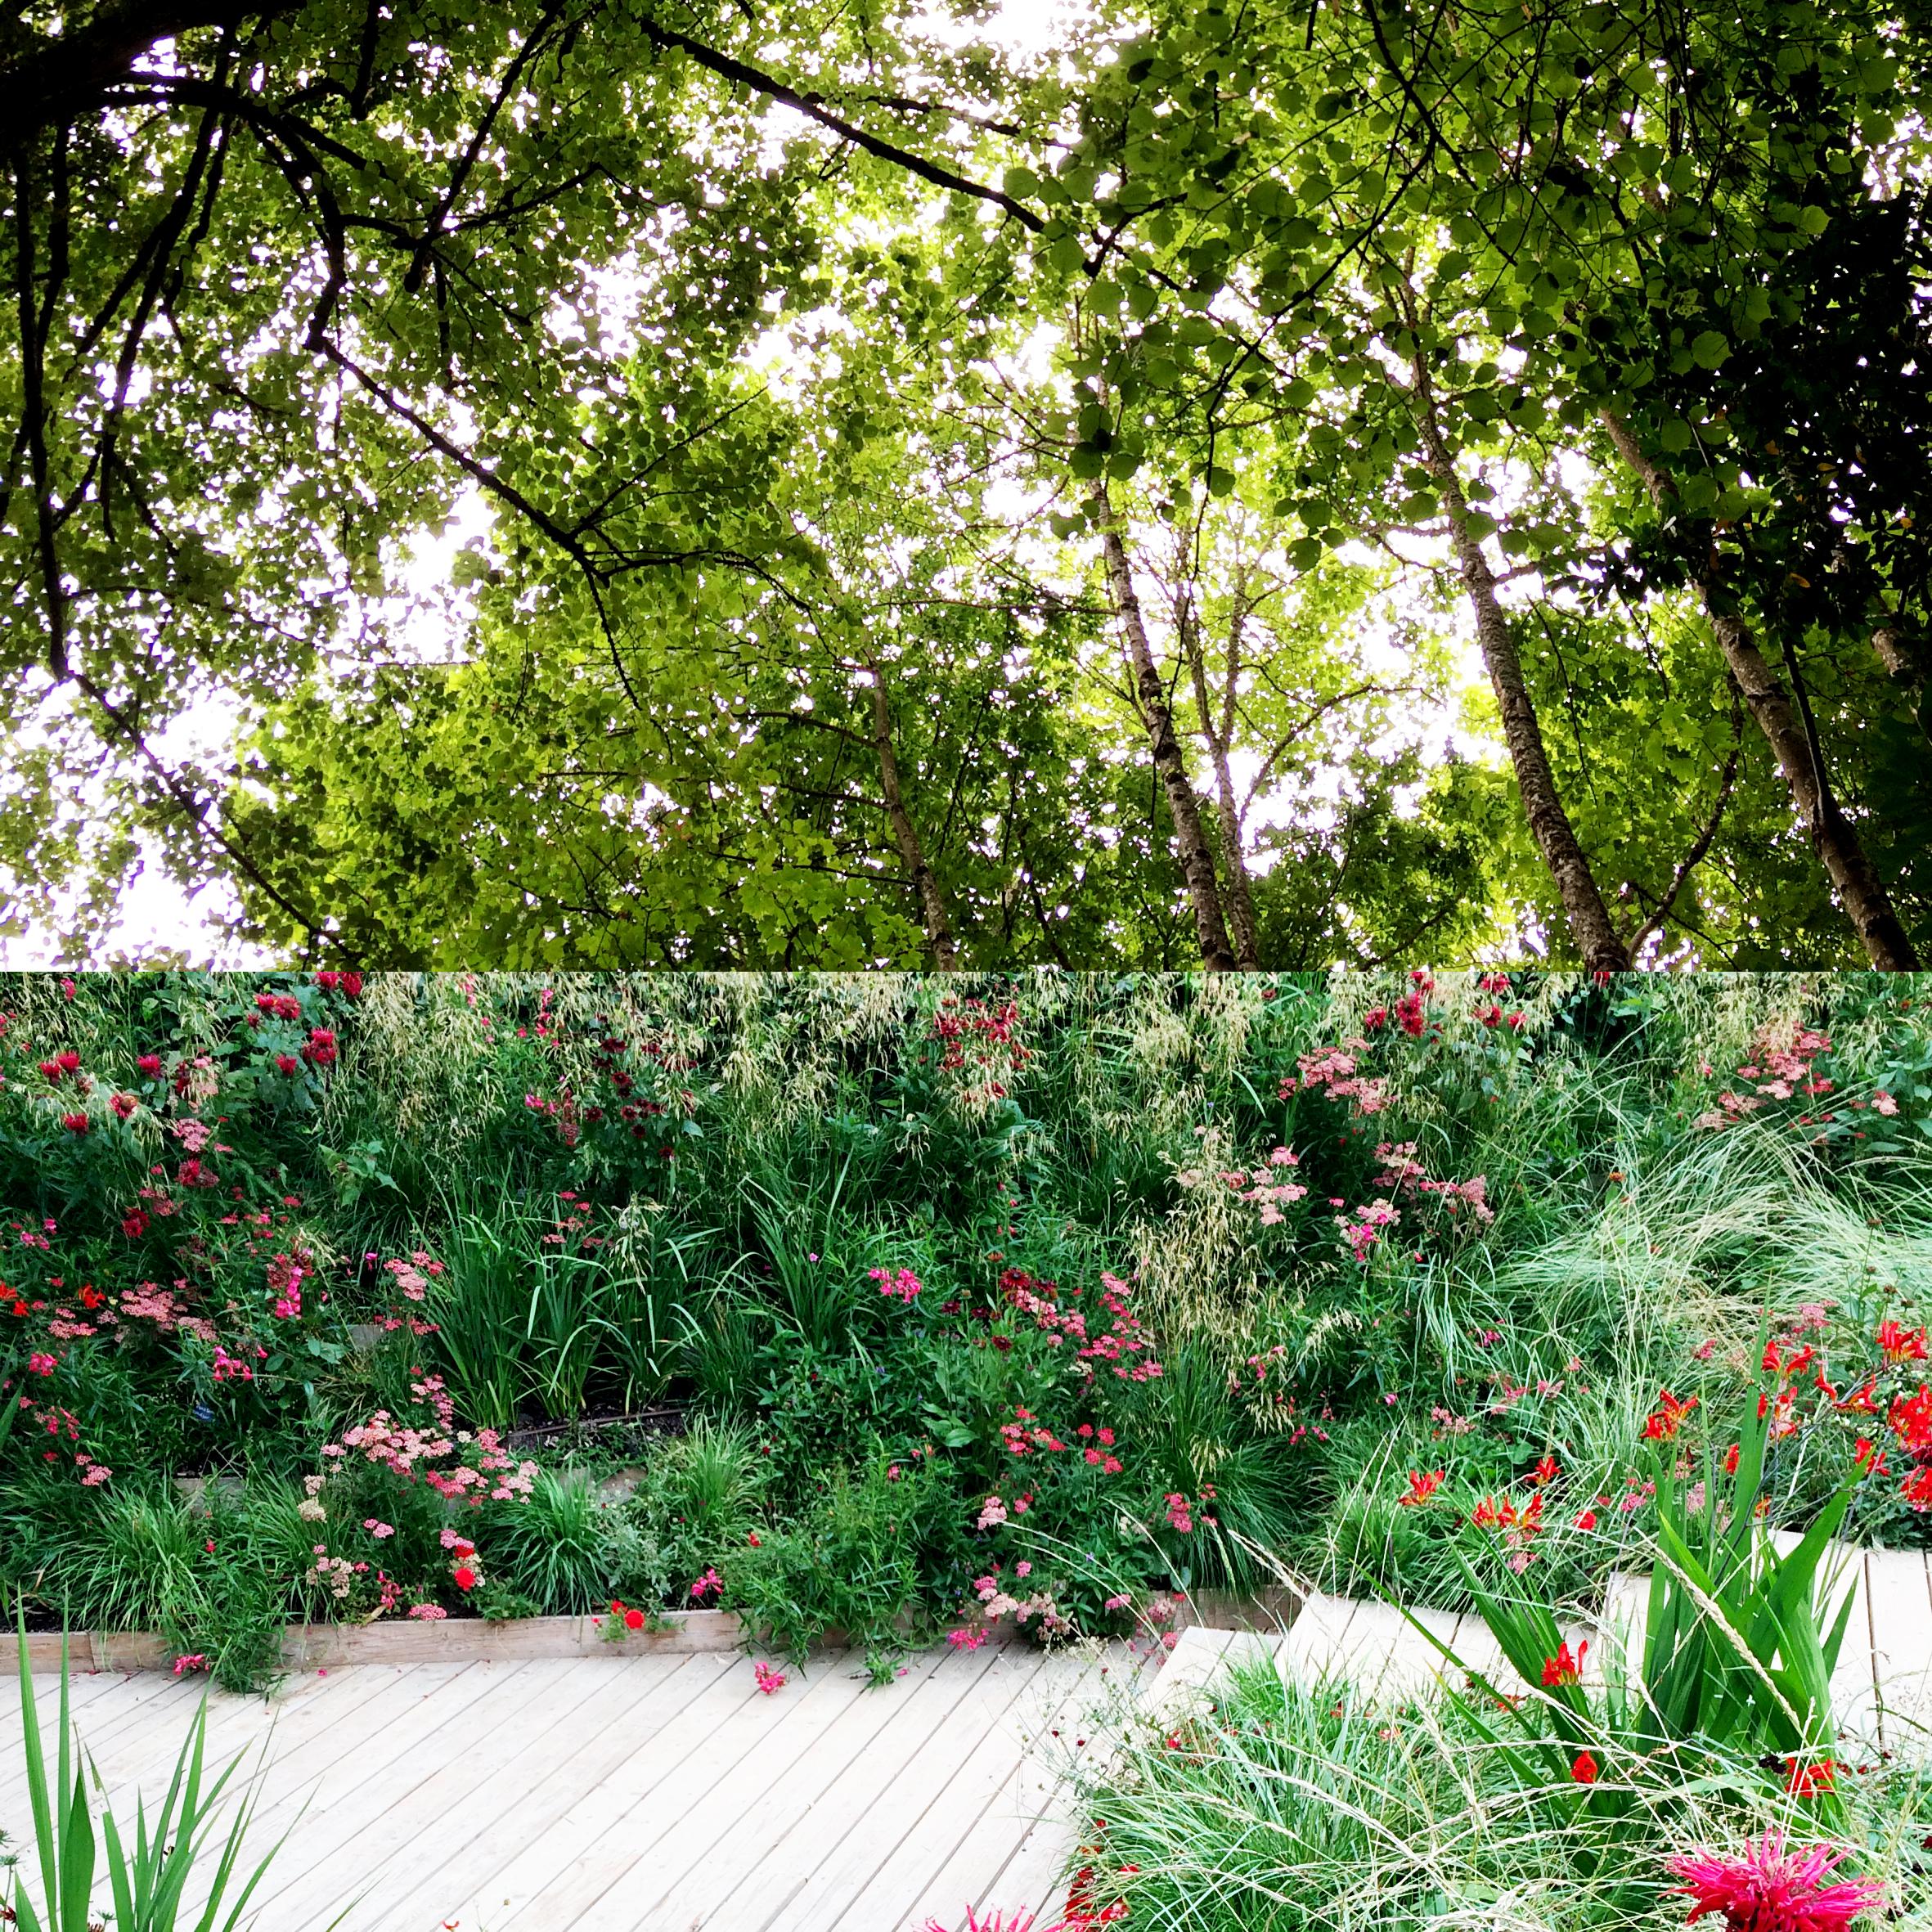 chaumont-sur-loire-jardins-dete4